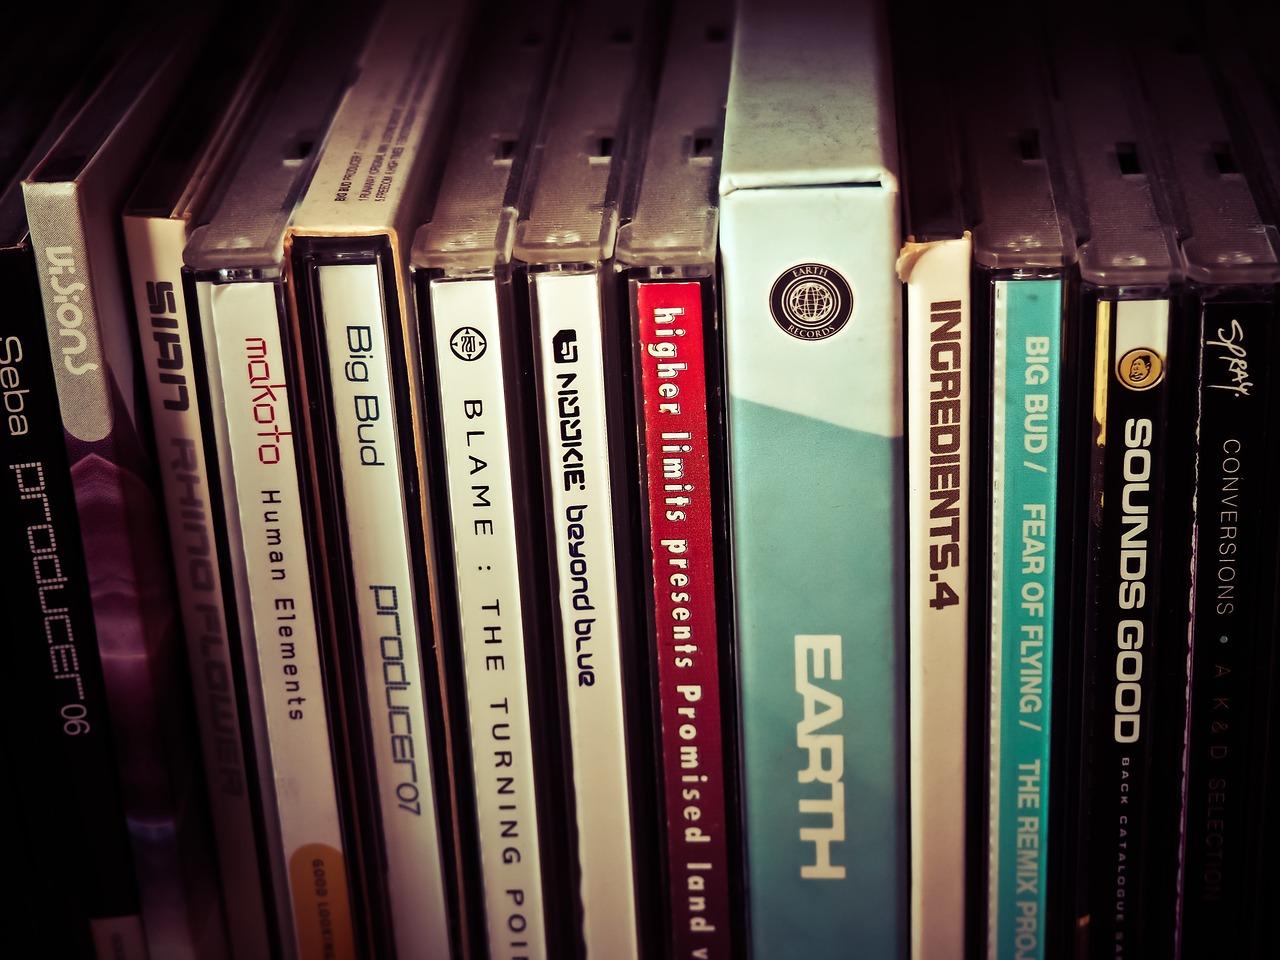 Stehende CDs in der Seitenansicht